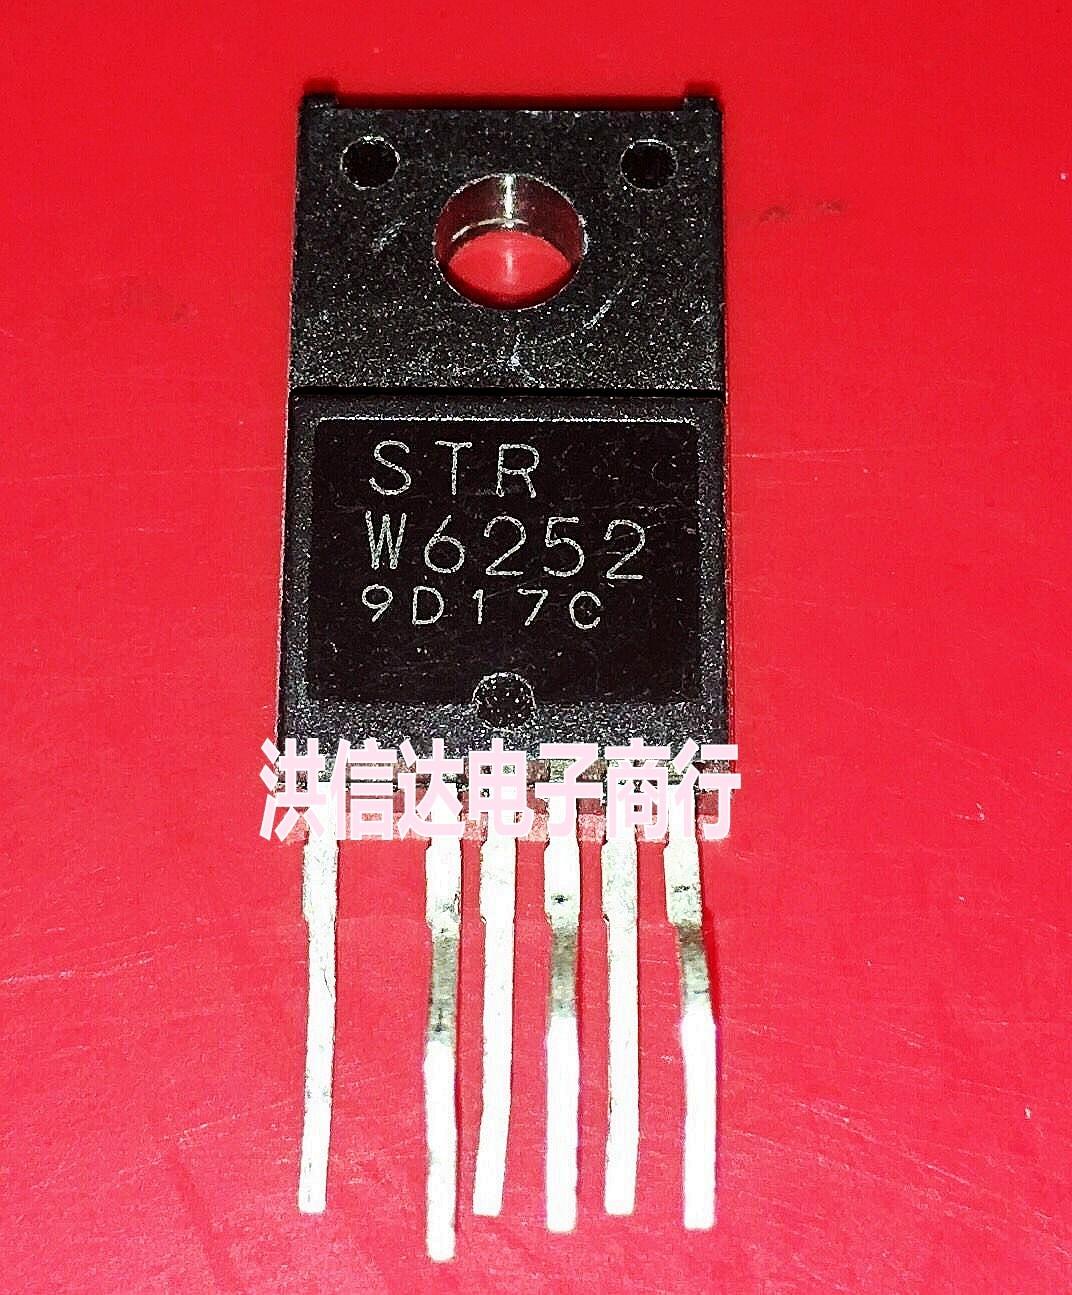 1 unids/lote STRW6252 STR-W6252 TO-220F en Stock